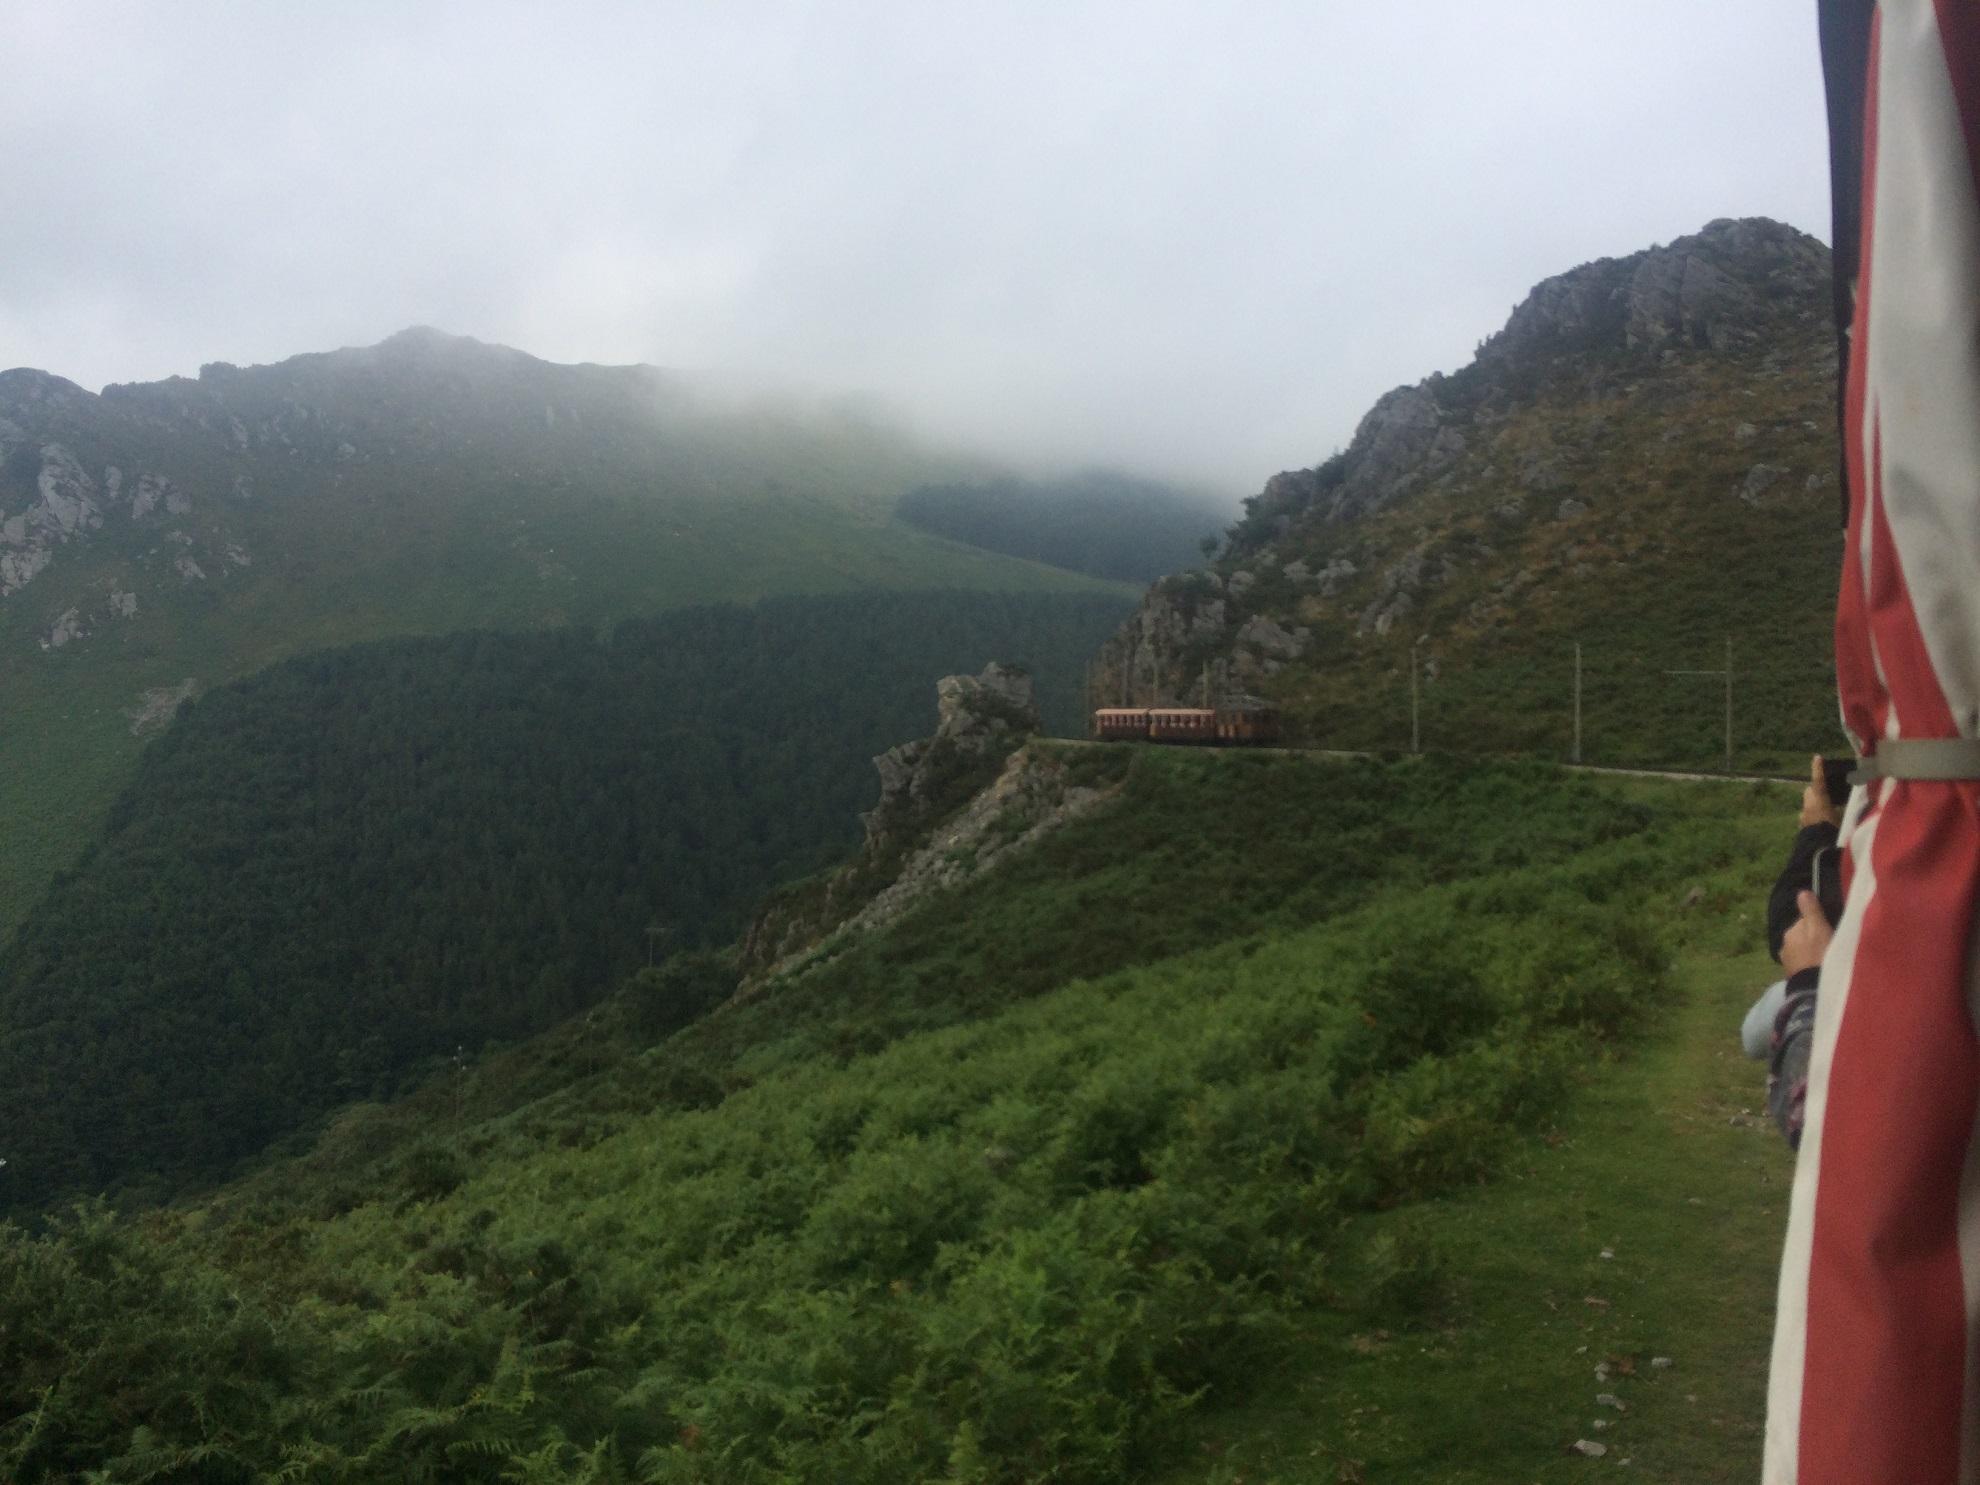 Le massif de la Rhune, un petit train et puis s'enva